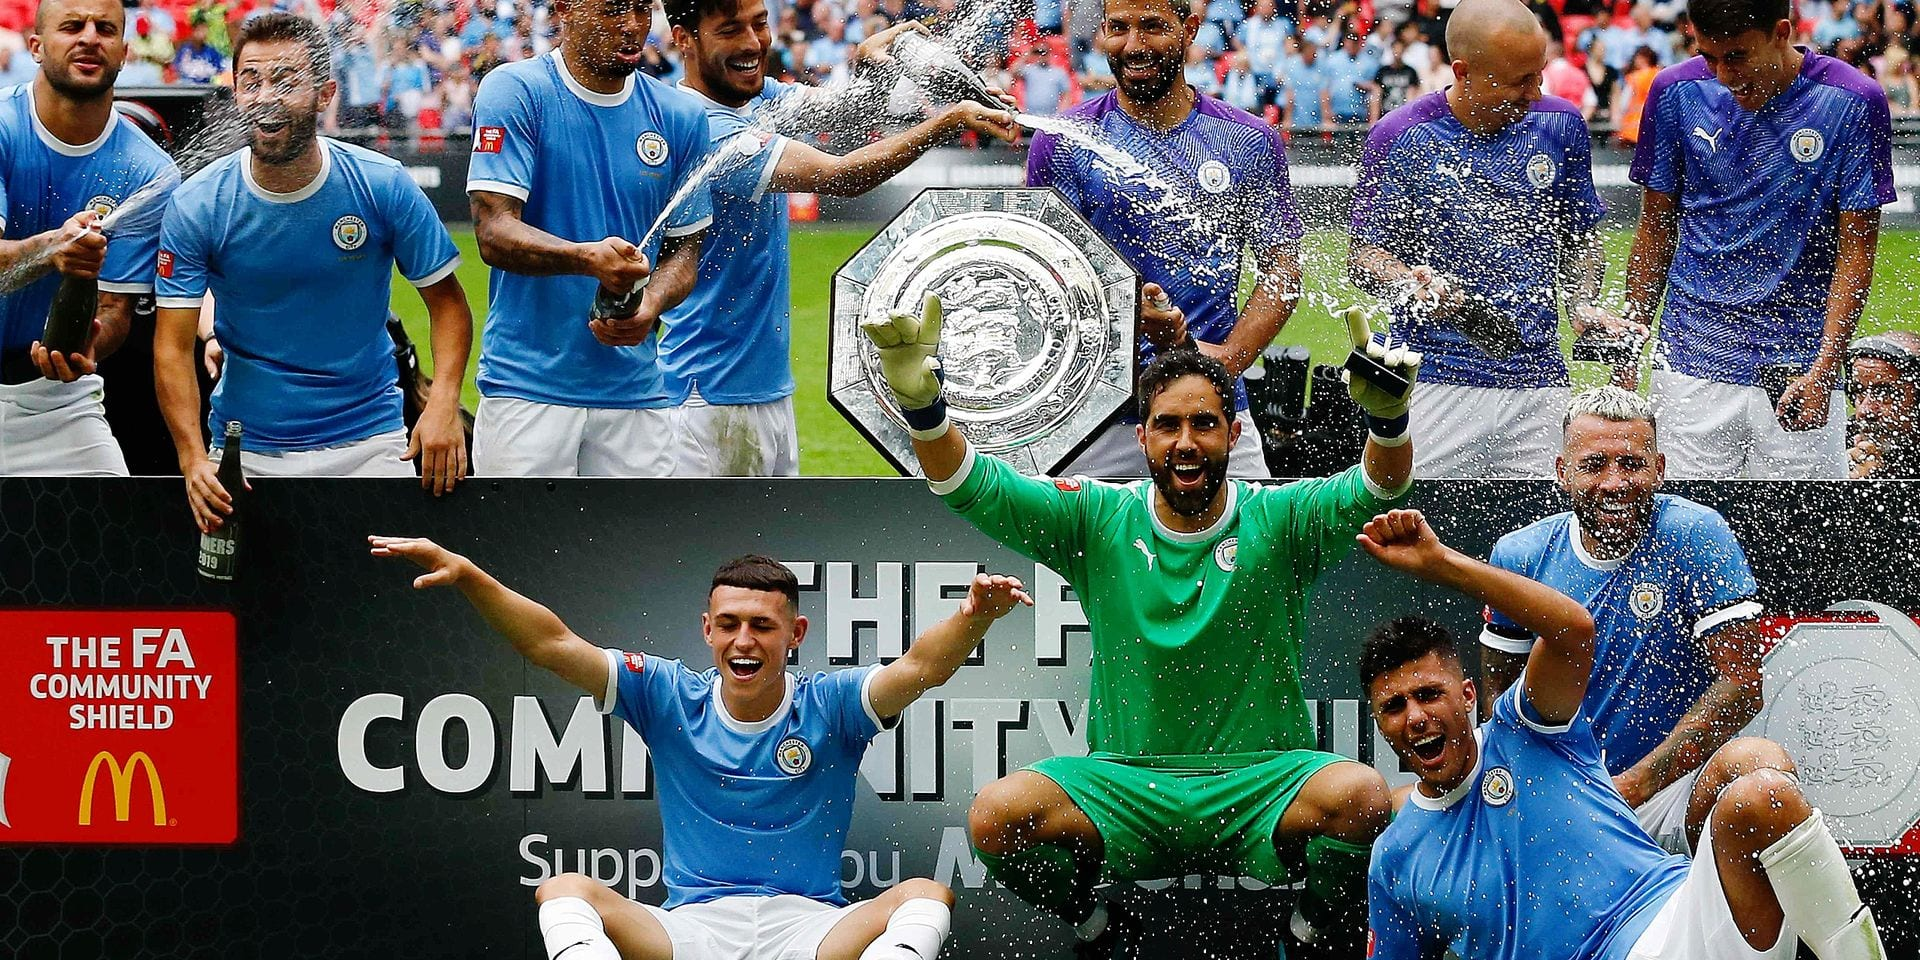 Le premier trophée pour Manchester City